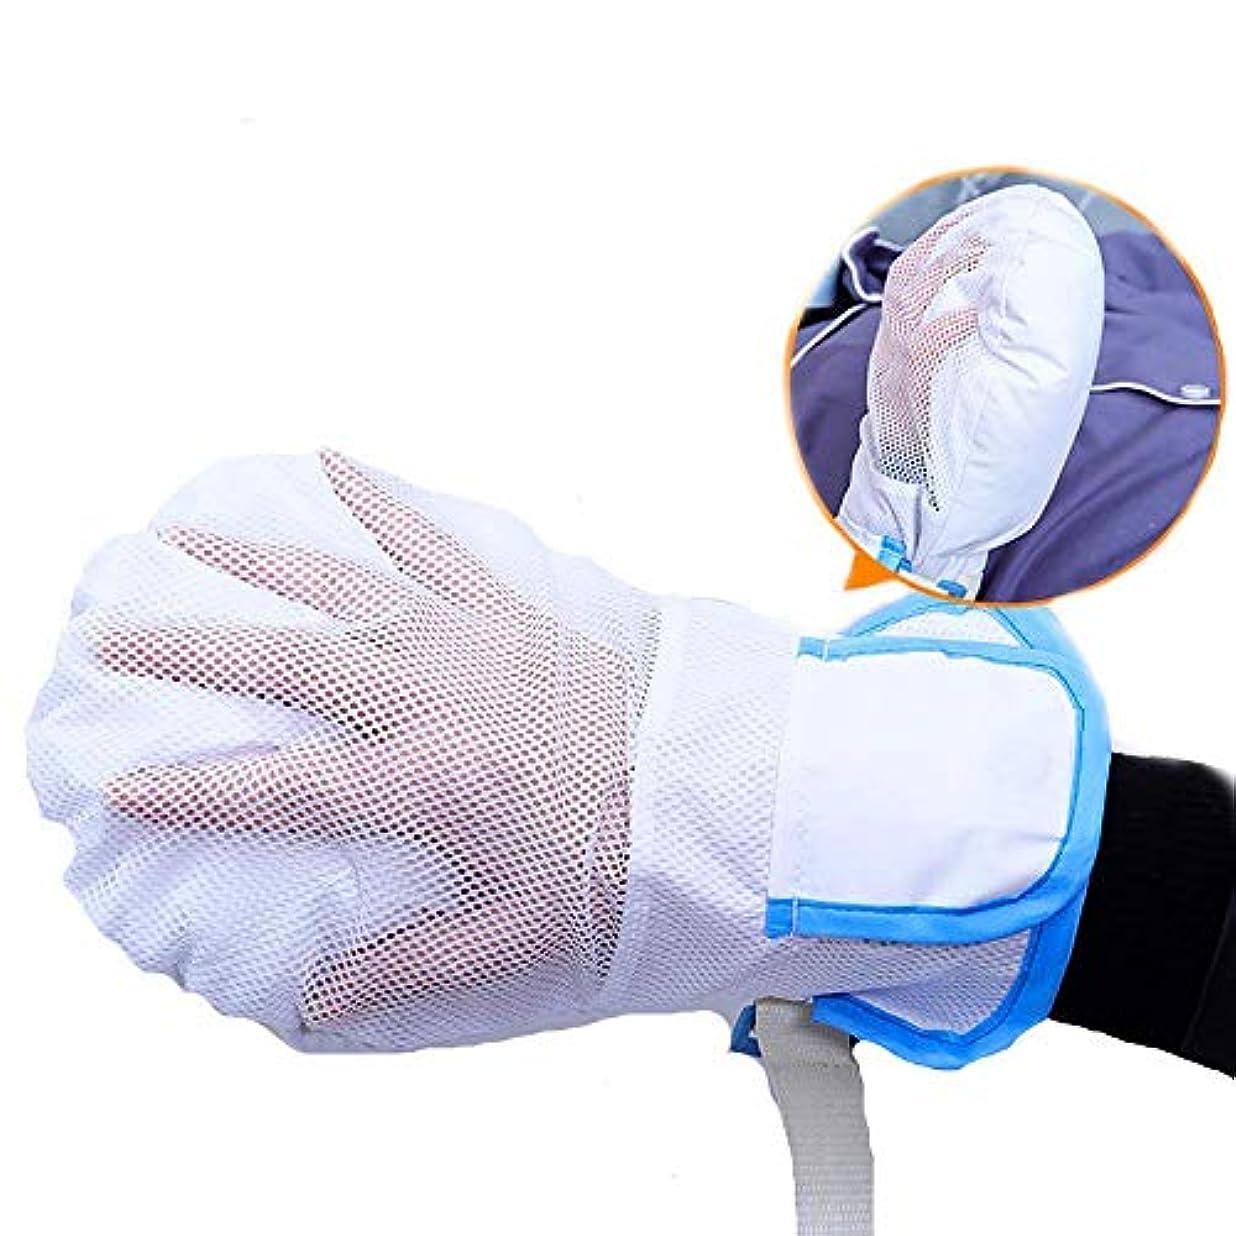 変装した真面目な自伝フィンガーコントロールミット、手の拘束、認知症安全拘束手袋ハンドプロテクターを保護します。 (2PCS)